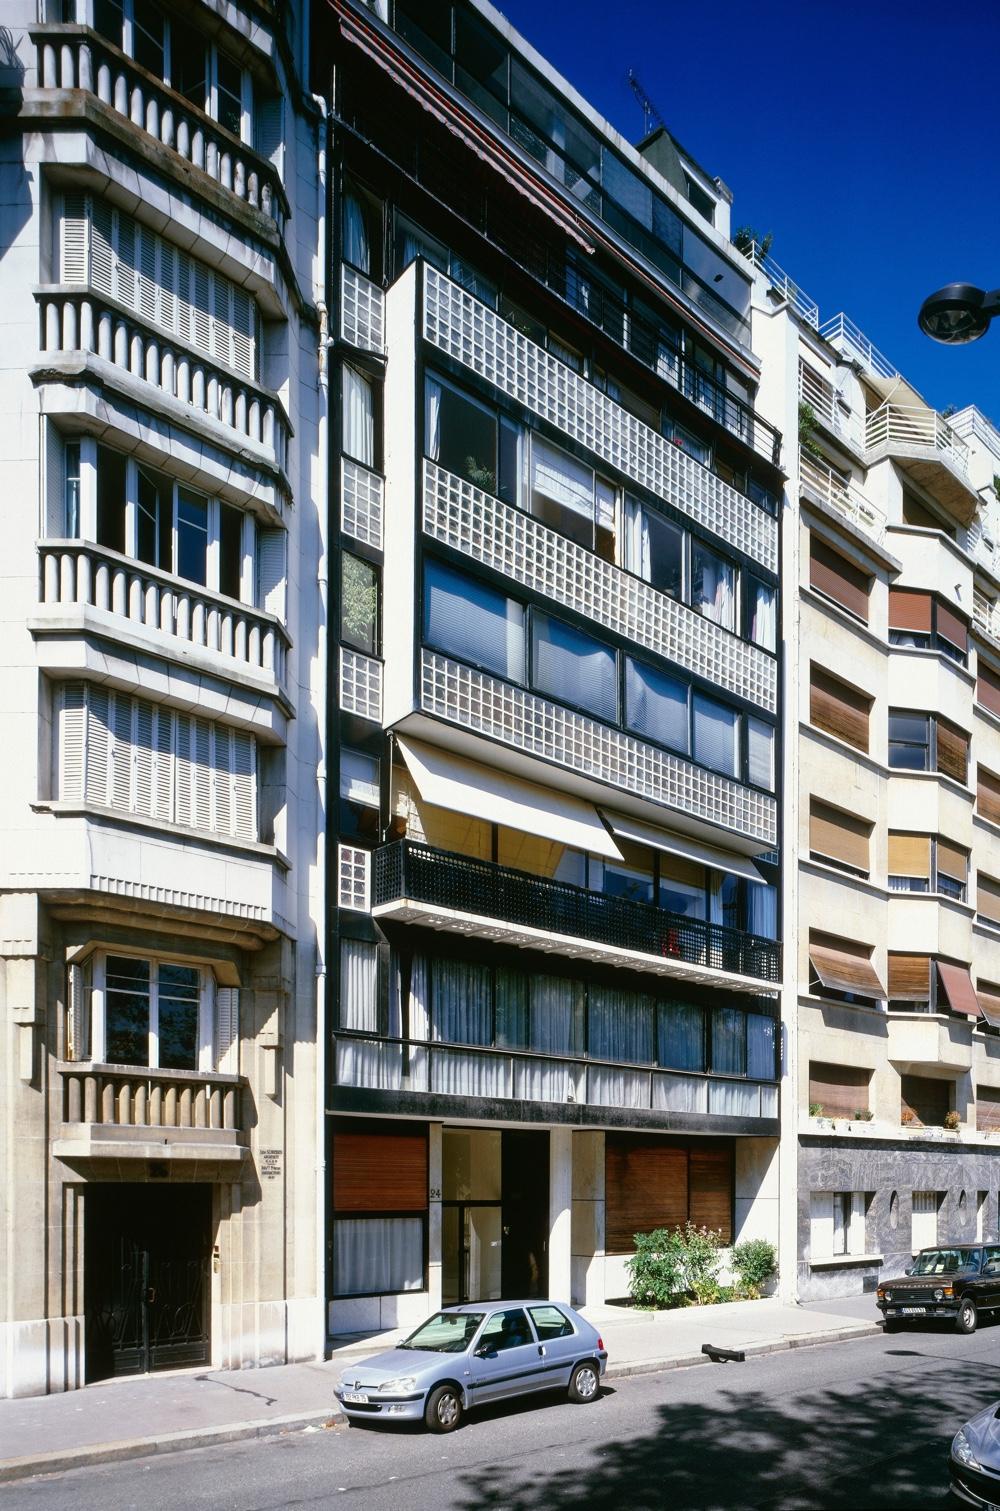 Immeuble locatif à la porte Molitor, Paris, France, 1931 - 1934. Photo byOliver Martin-Gambier©FLC/ADAGP.